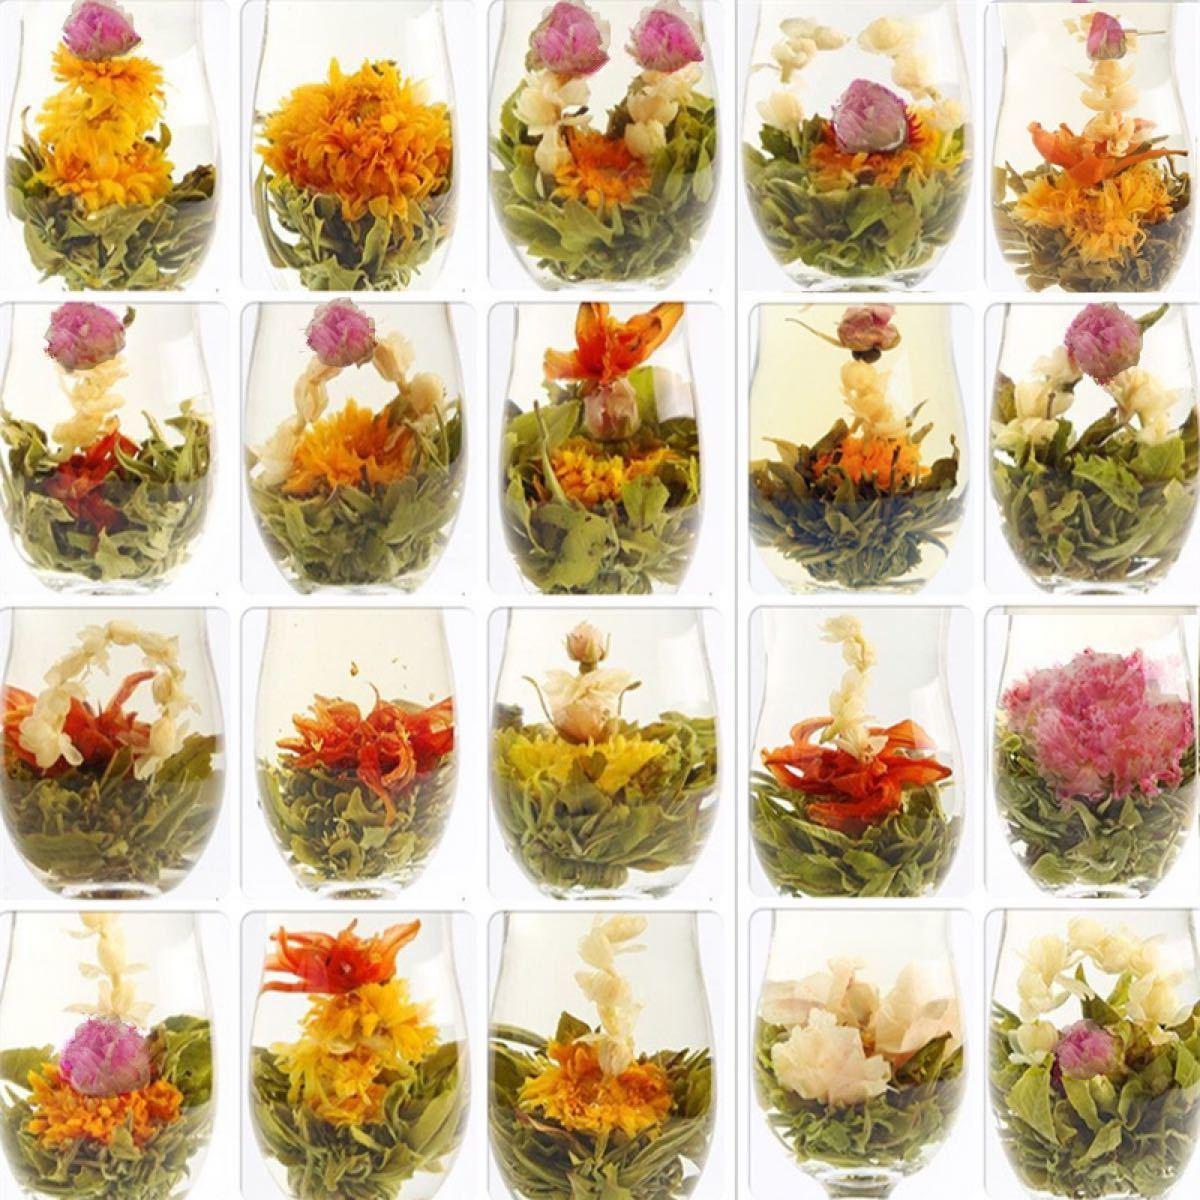 工芸茶 花茶 ハーブティー 健康茶 ジャスミン茶 手作りお茶 緑茶